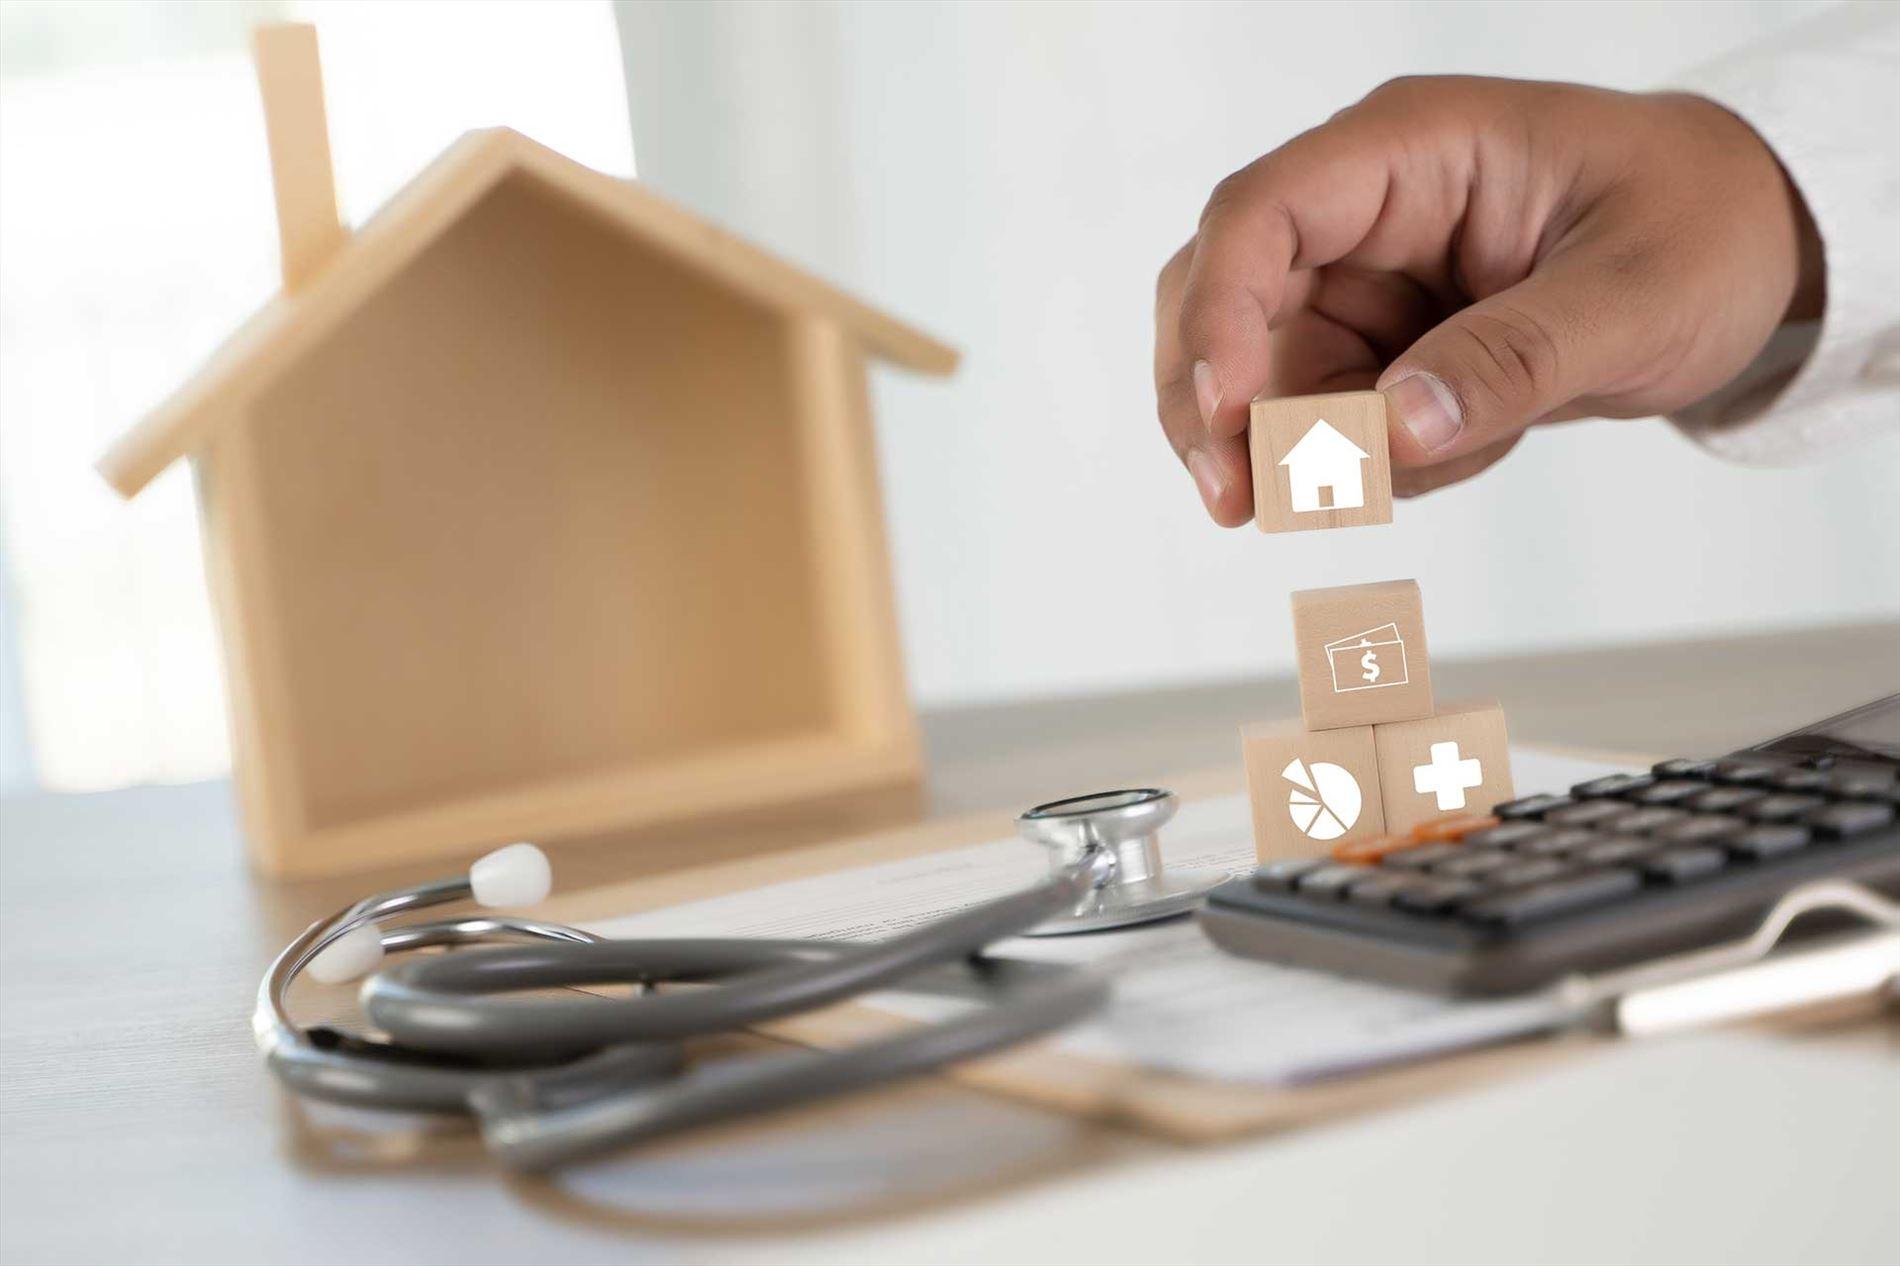 תמונת חוויה למאמר בנושא בניית אתרים לסוכנויות ביטוח